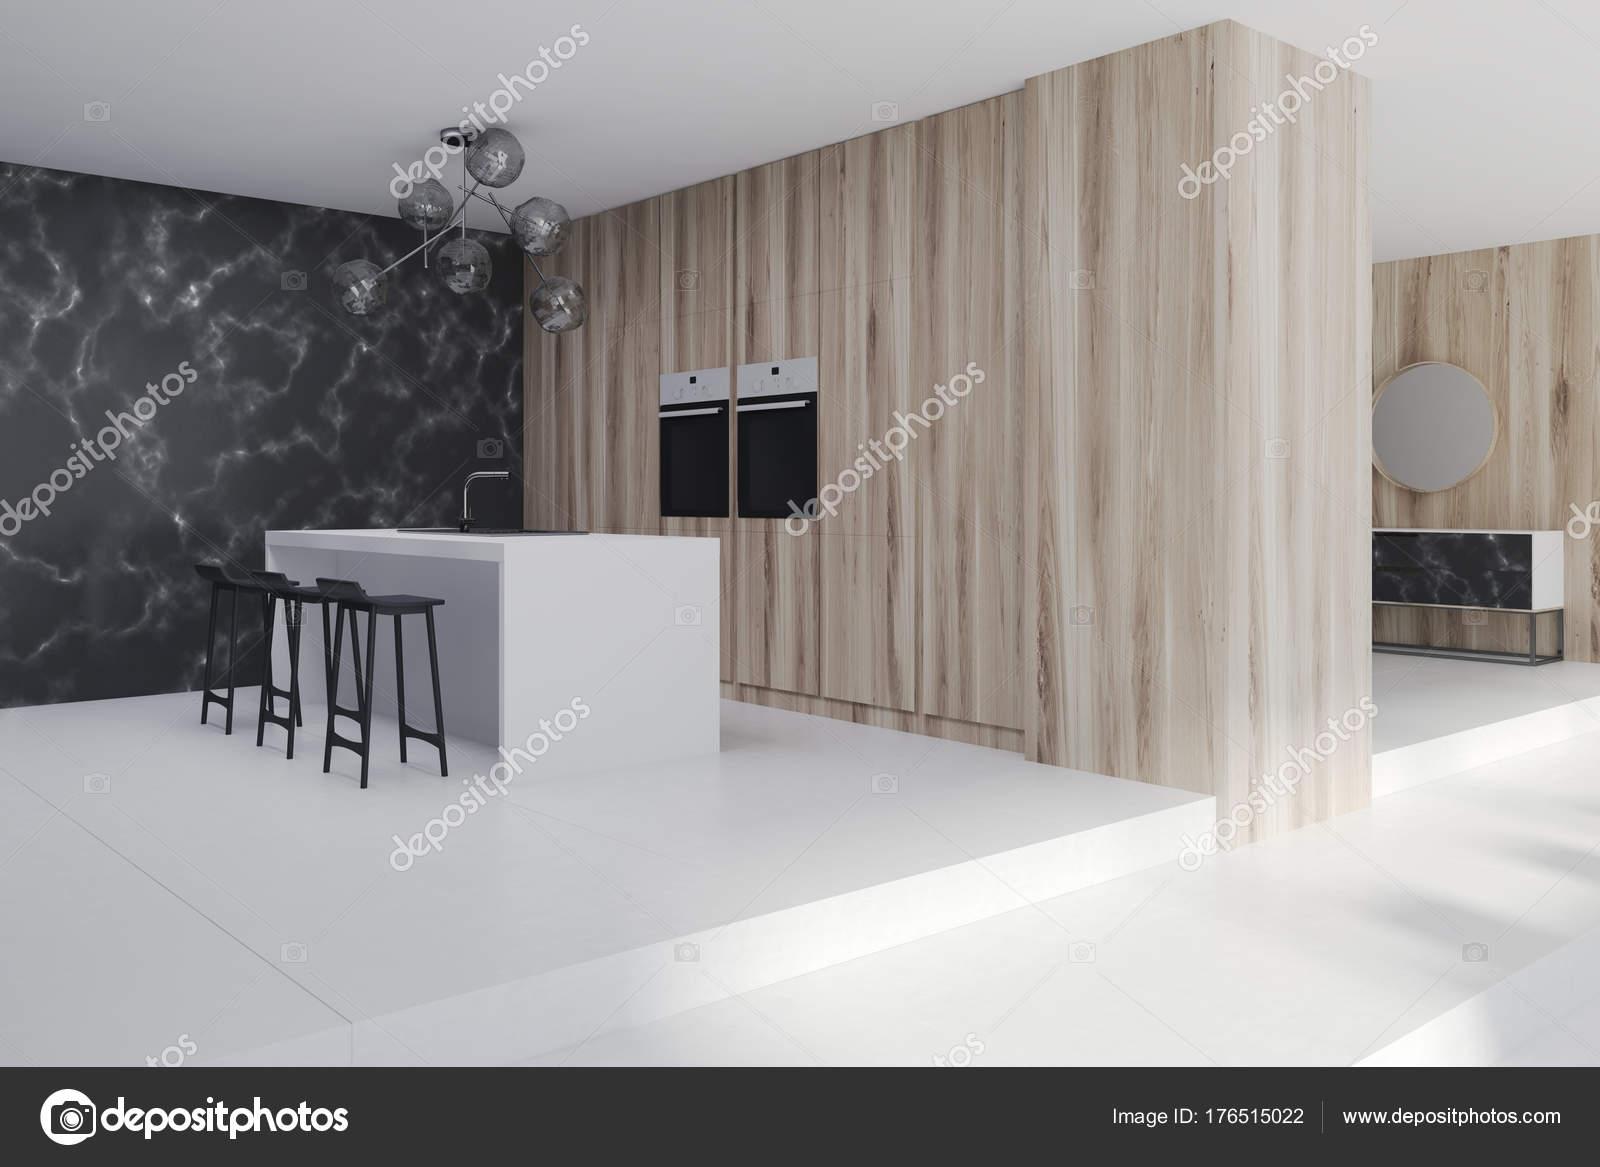 Marmer In Woonkamer : Houten keuken met een bar kant zwarte marmer u stockfoto